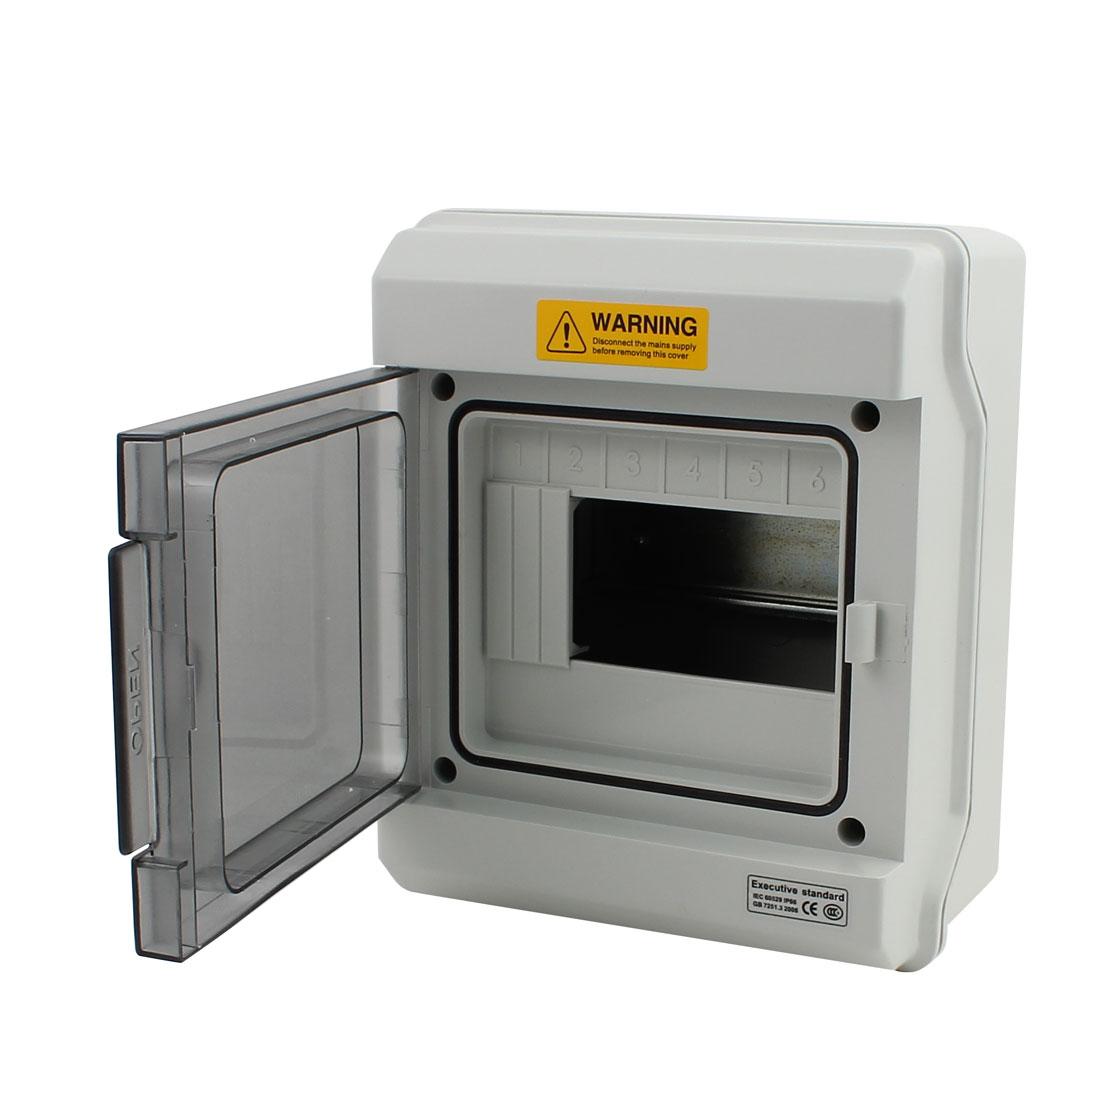 GDB-06 IP66 200mm x 165mm x 100mm Elite Waterproof Distribution Box